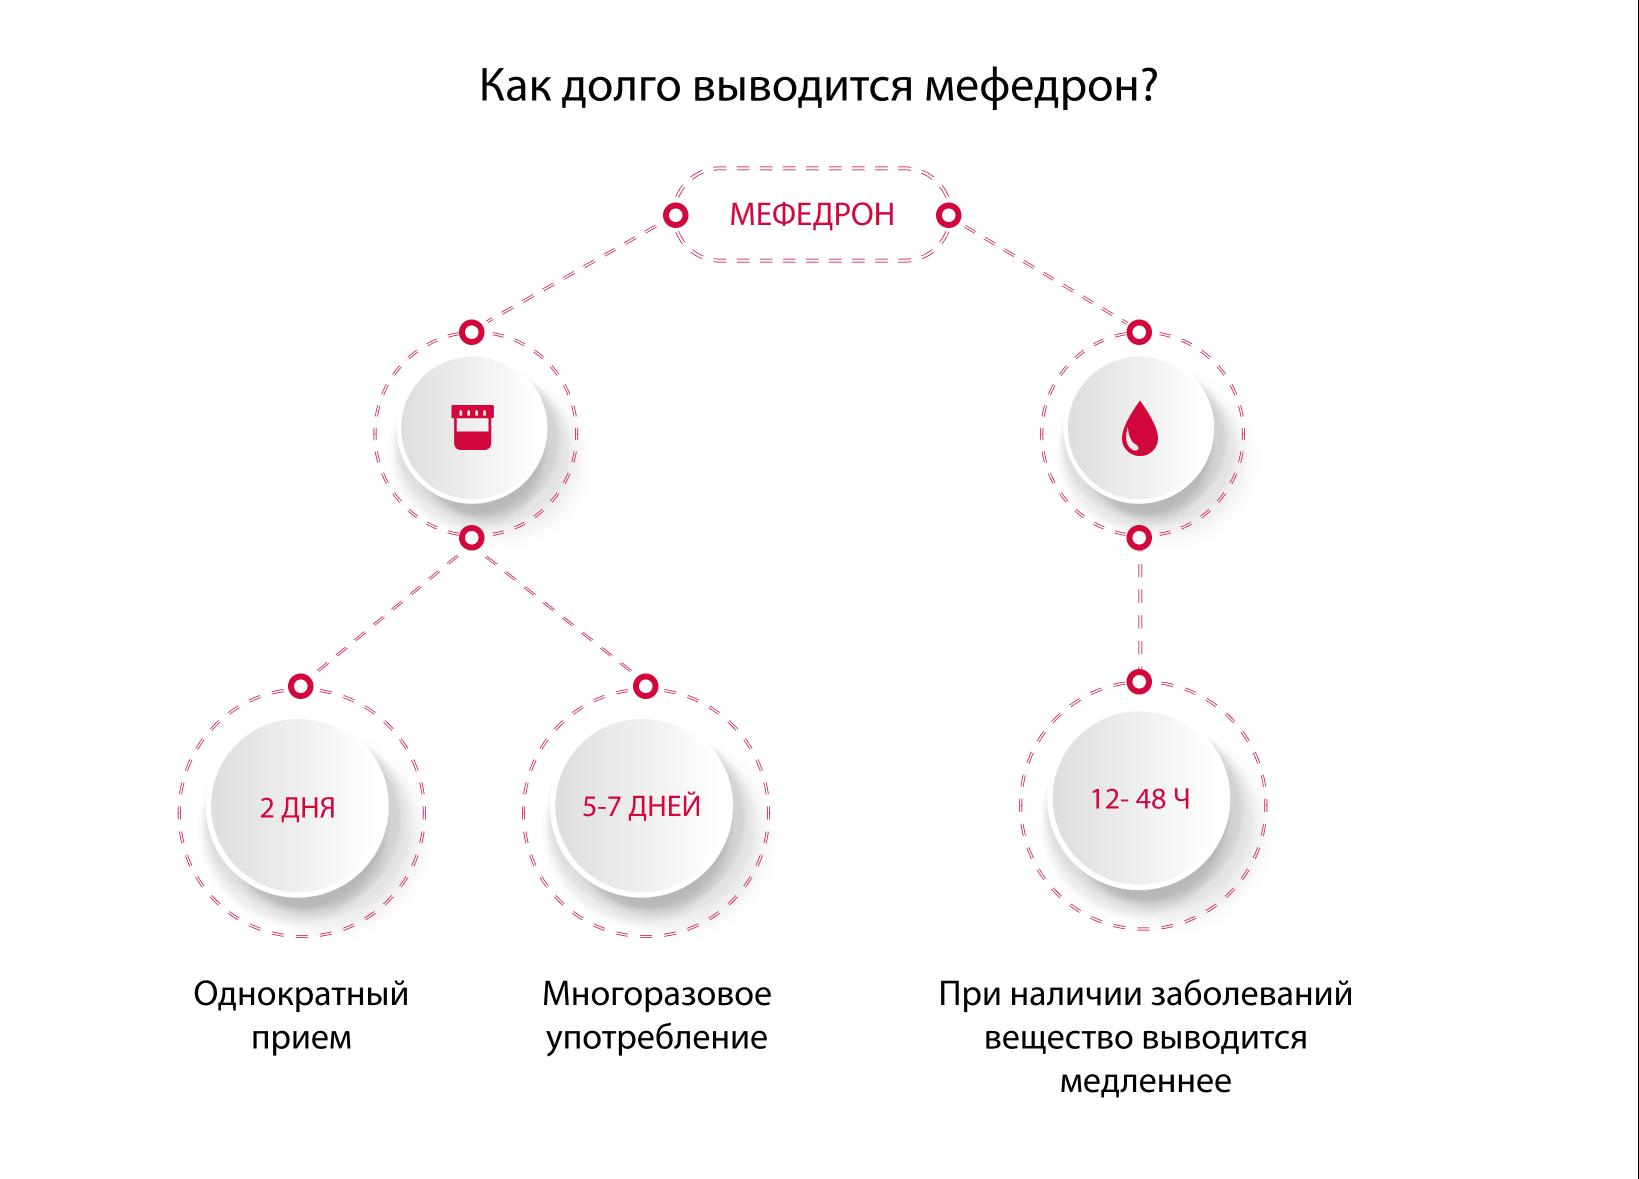 Длительность выведения мефедрона из организма